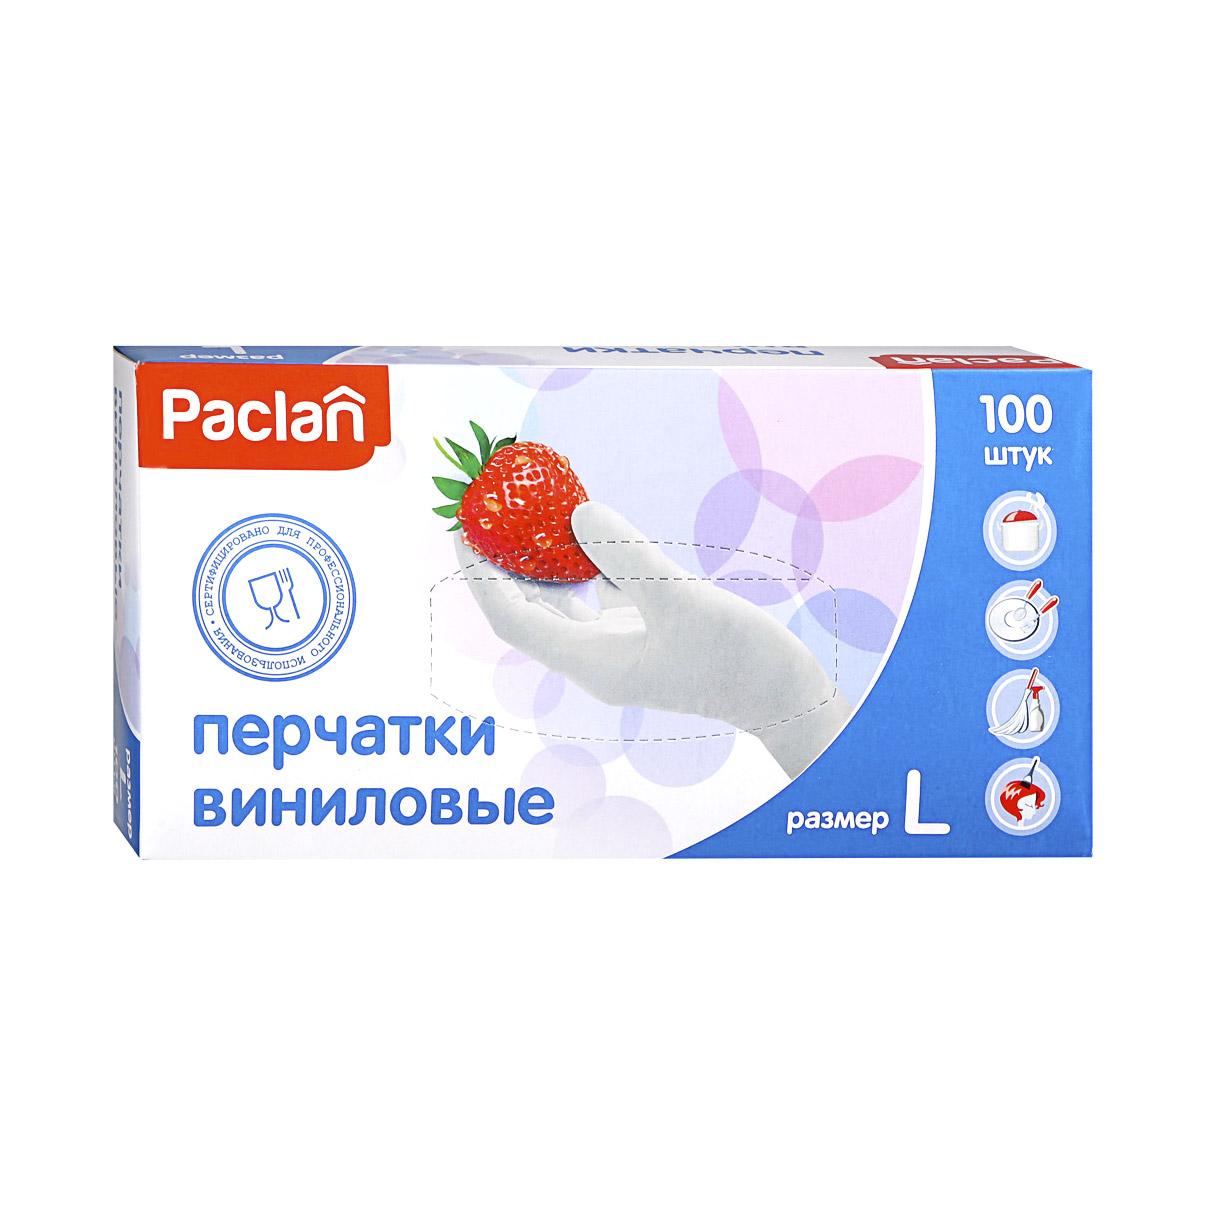 Фото - Перчатки Paclan виниловые L 100 шт перчатки хозяйственные paclan виниловые размер l 10 шт